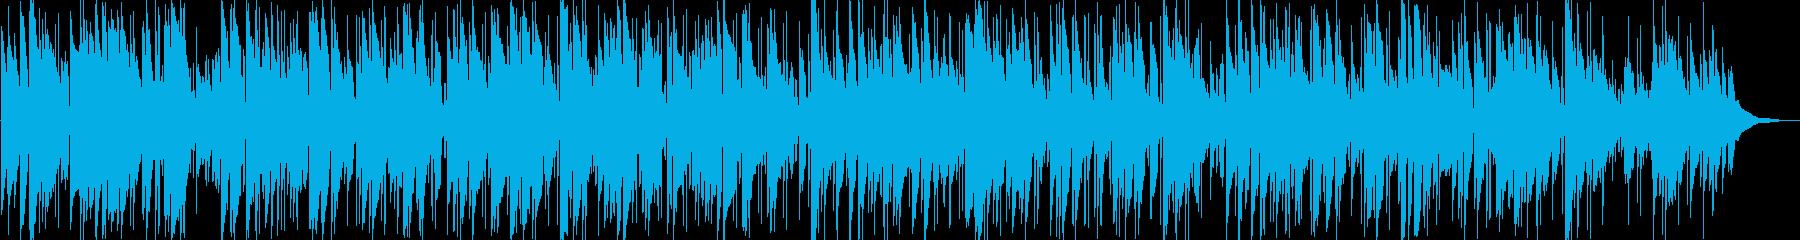 静かに奏でるギターのイージーリスニングの再生済みの波形